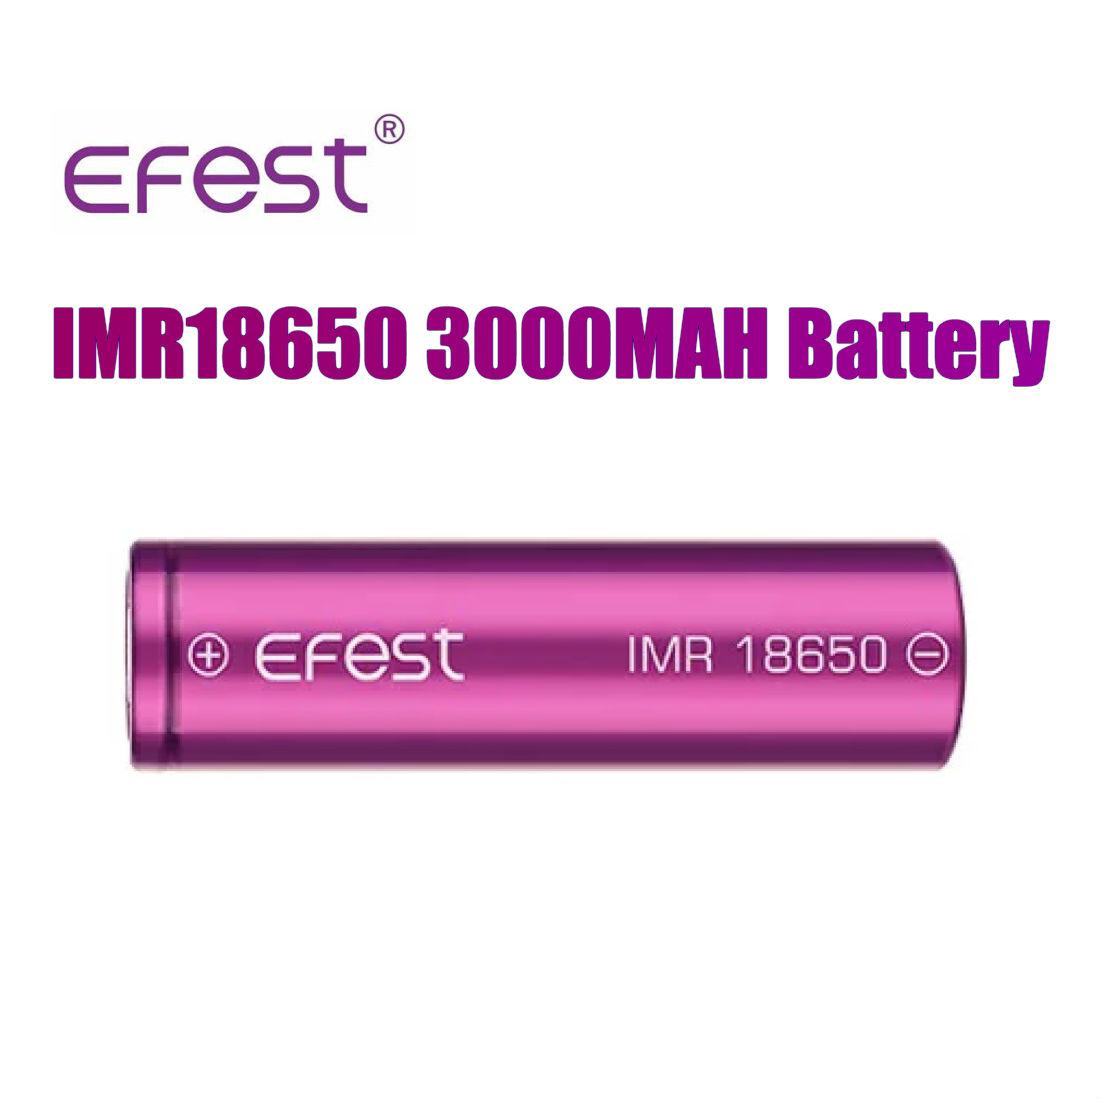 メール便で送料無料 Efest IMR 本物 18650 日本産 3000mAh 35A フラットトップバッテリー 1本 PSE 個別ケース入り イーフェスト